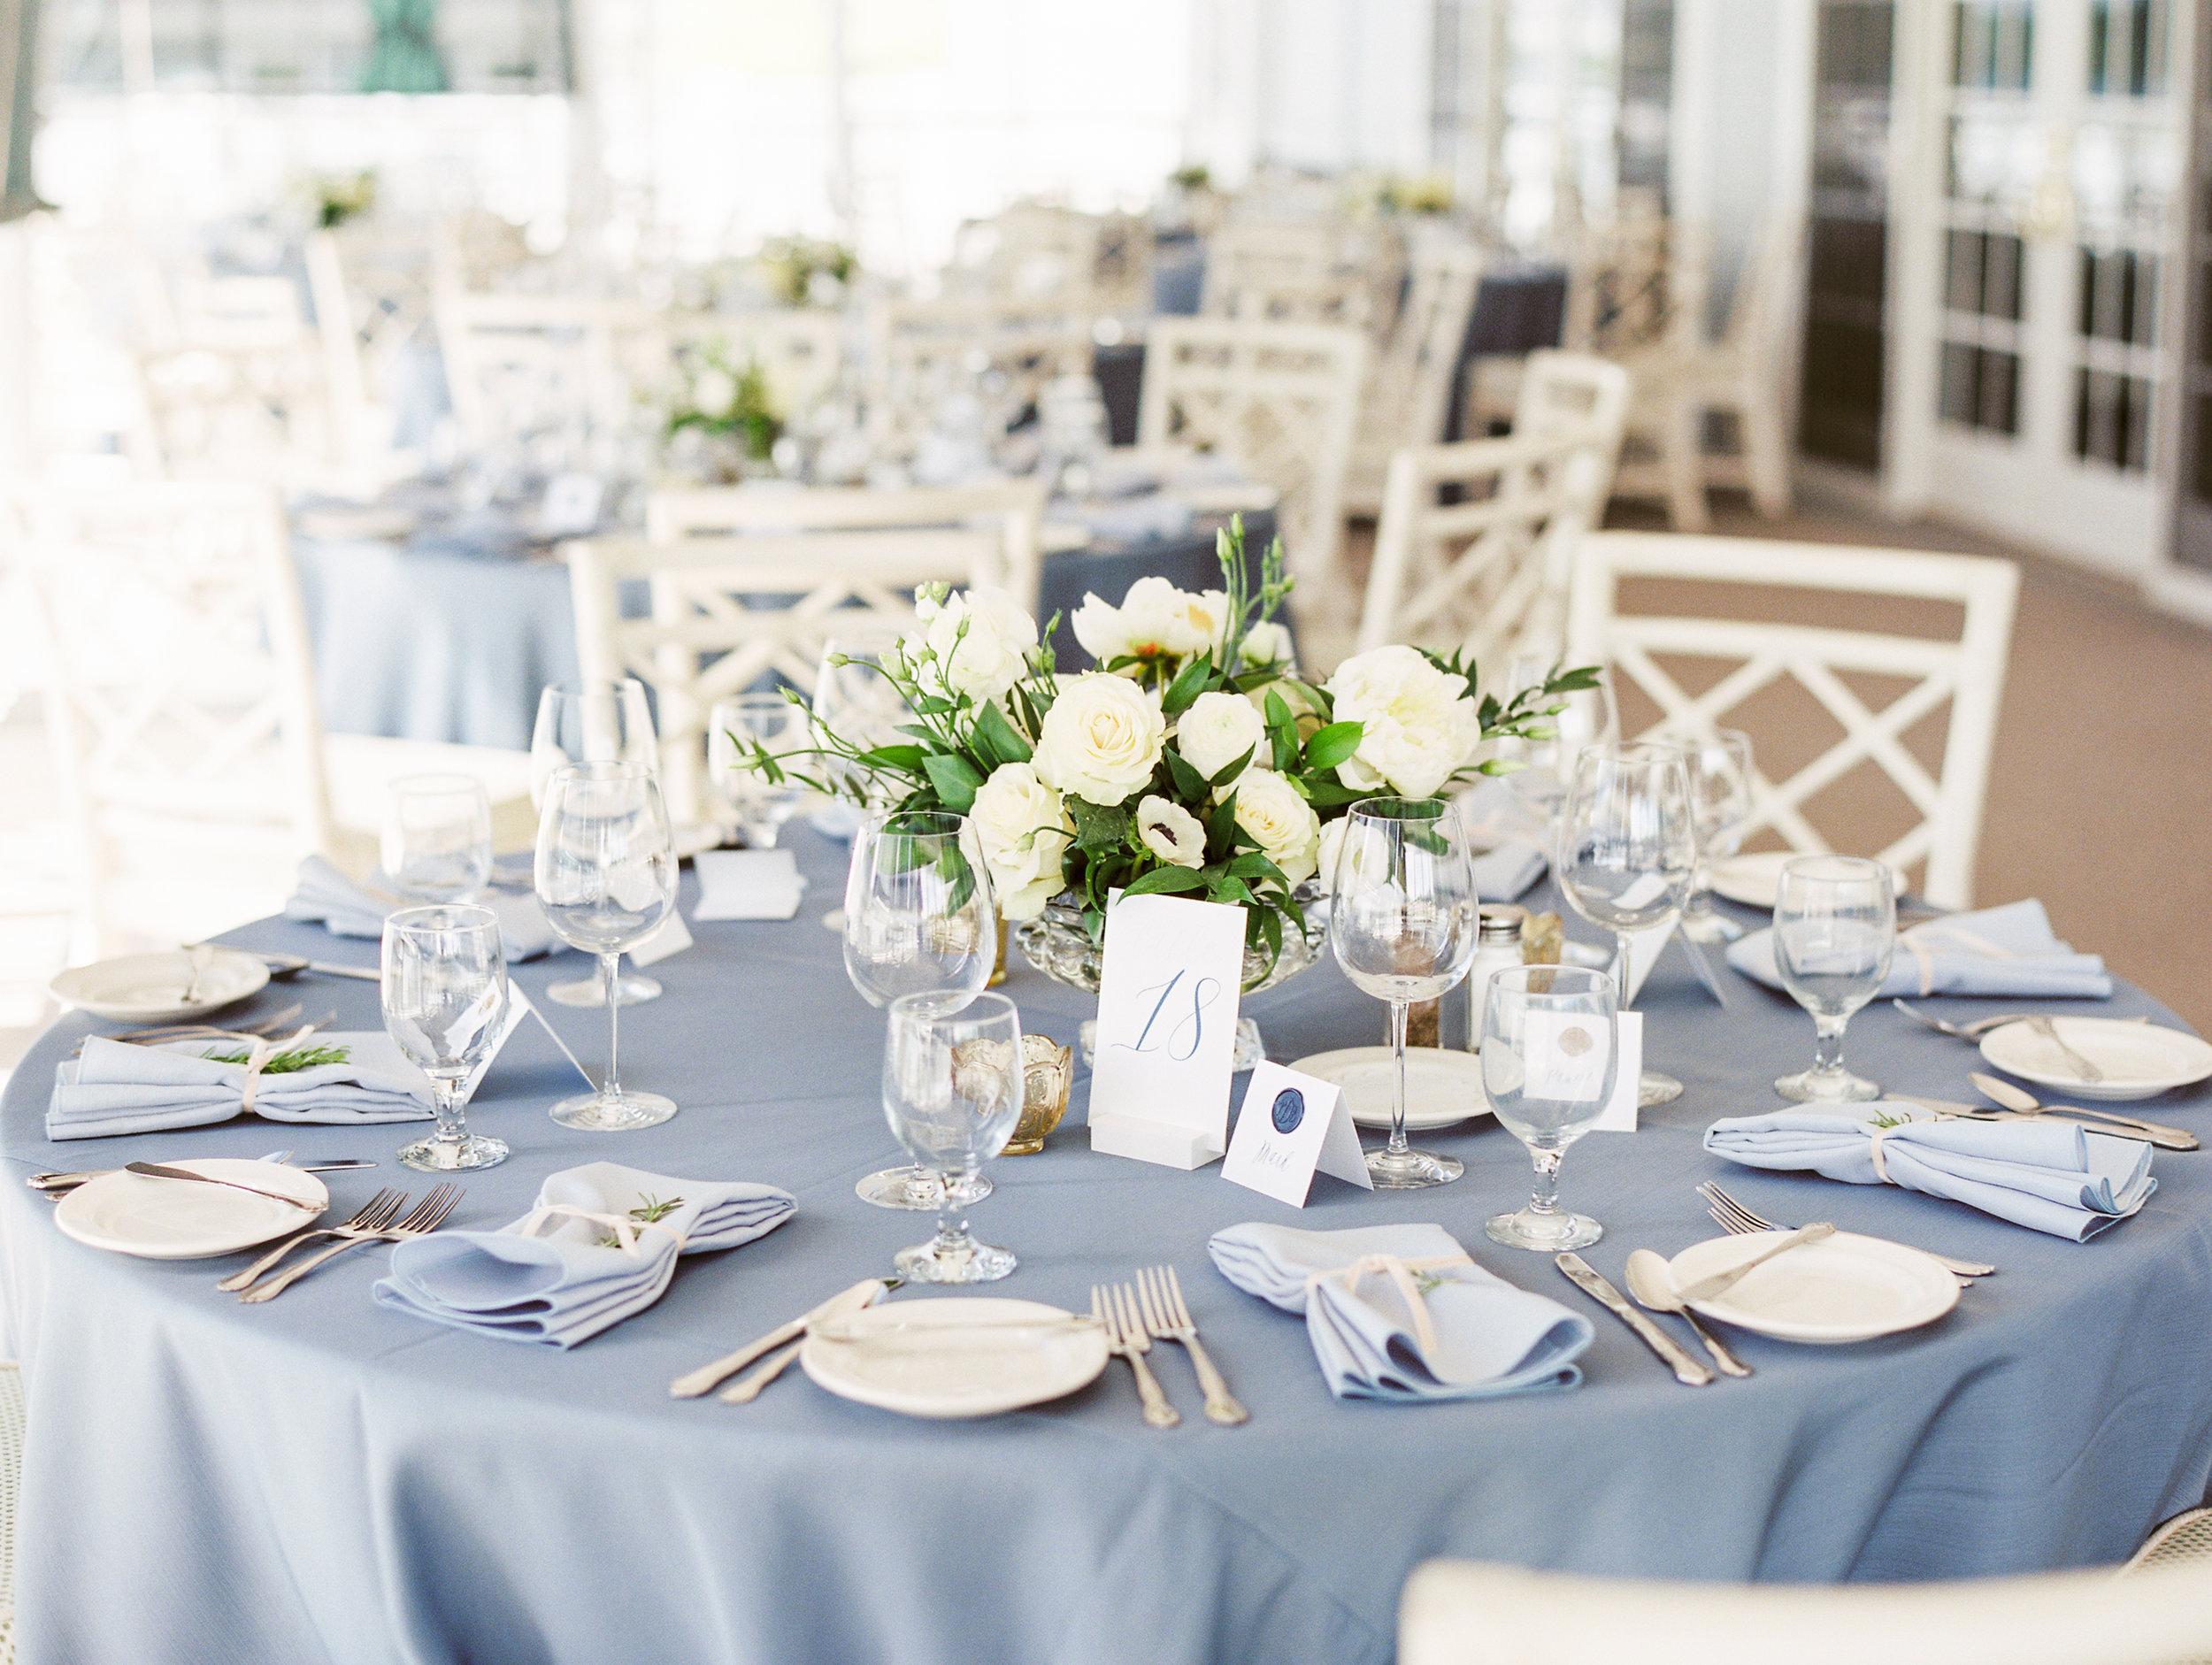 DeGuilio+Wedding+Reception+Detailsf-11.jpg